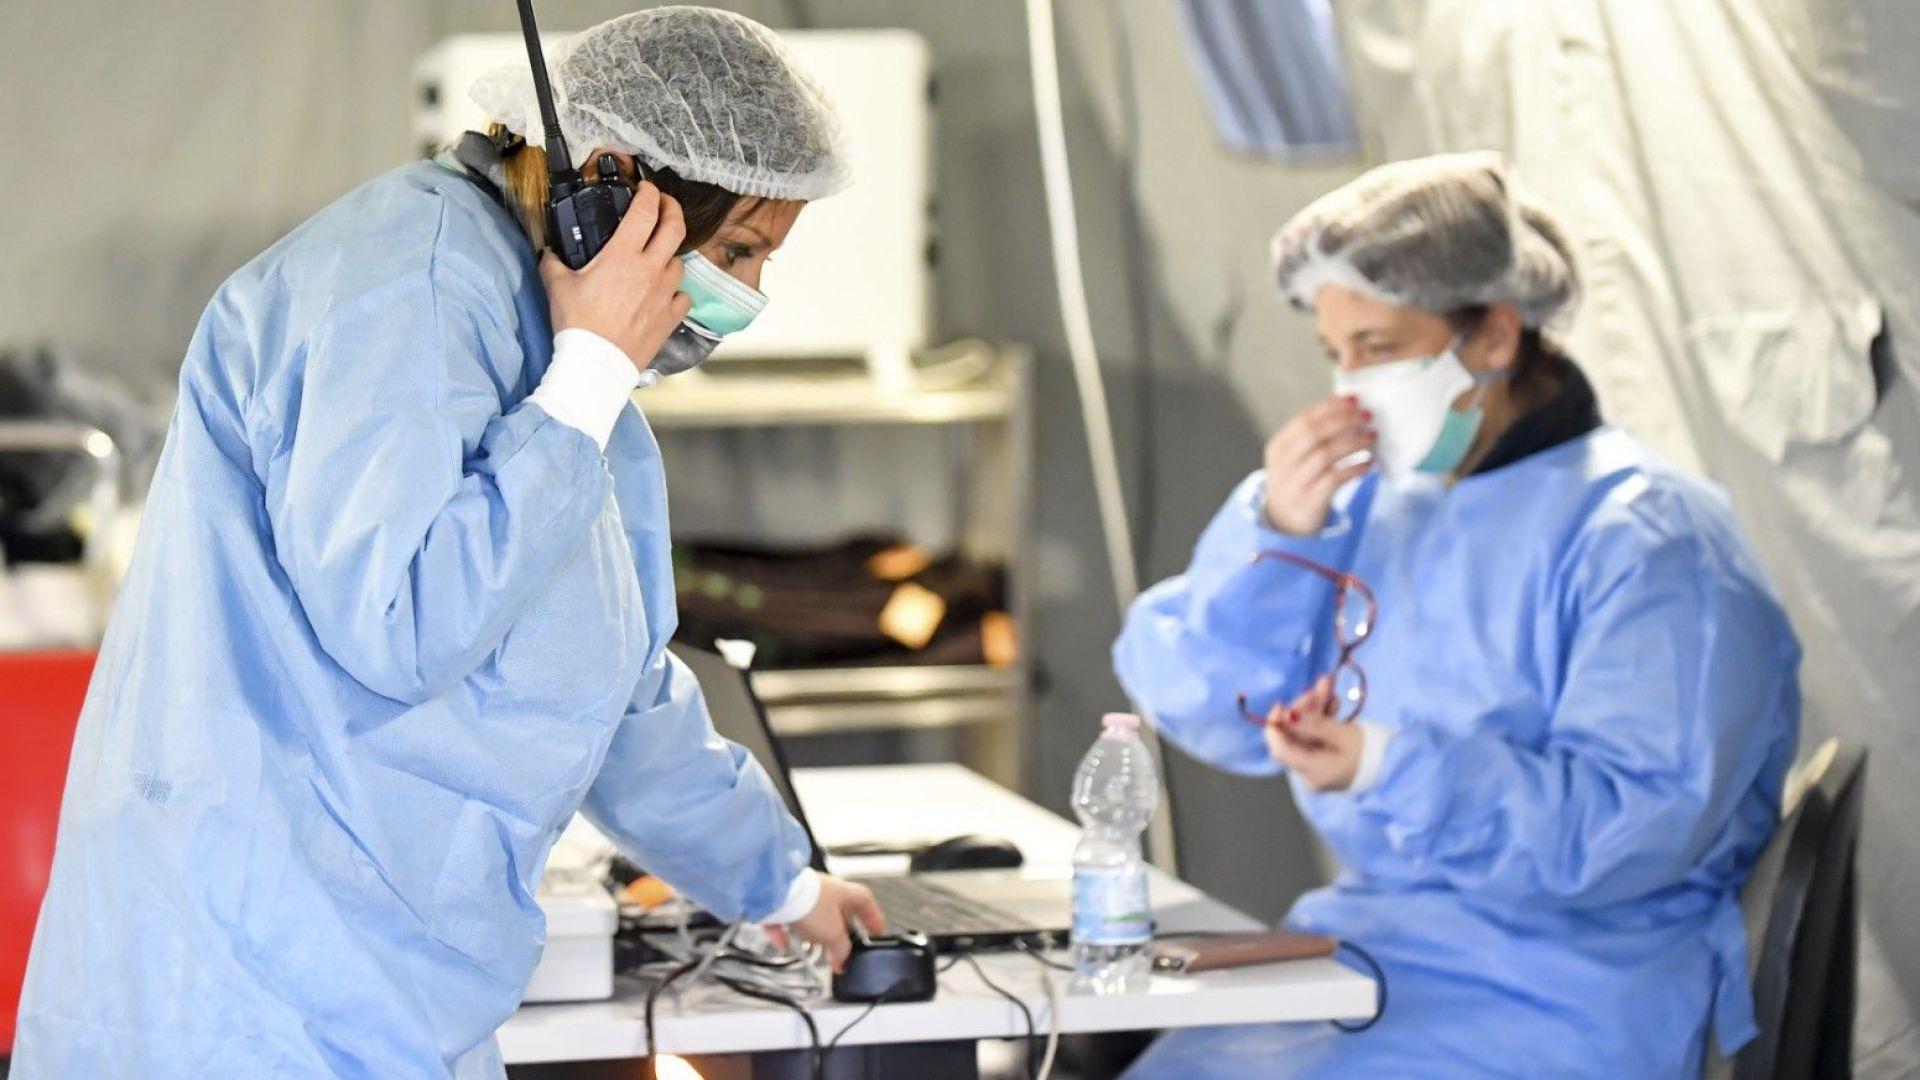 За 24 часа новият вирус покоси 8 души в Италия, за първи починал съобщиха САЩ